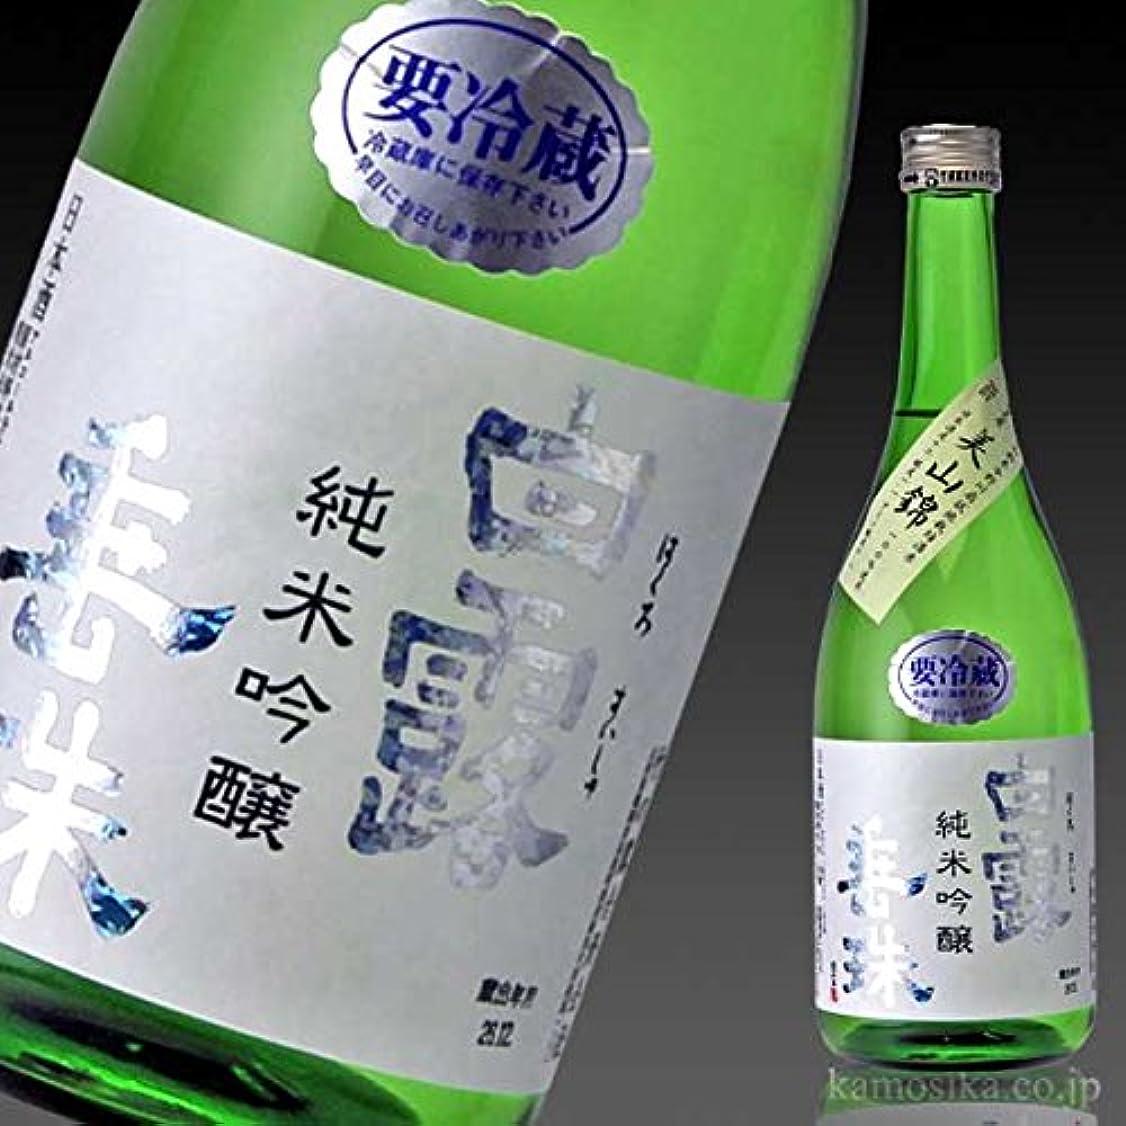 動物ロデオ慎重白露垂珠 純米吟醸 美山錦55 720ml (はくろすいしゅ)